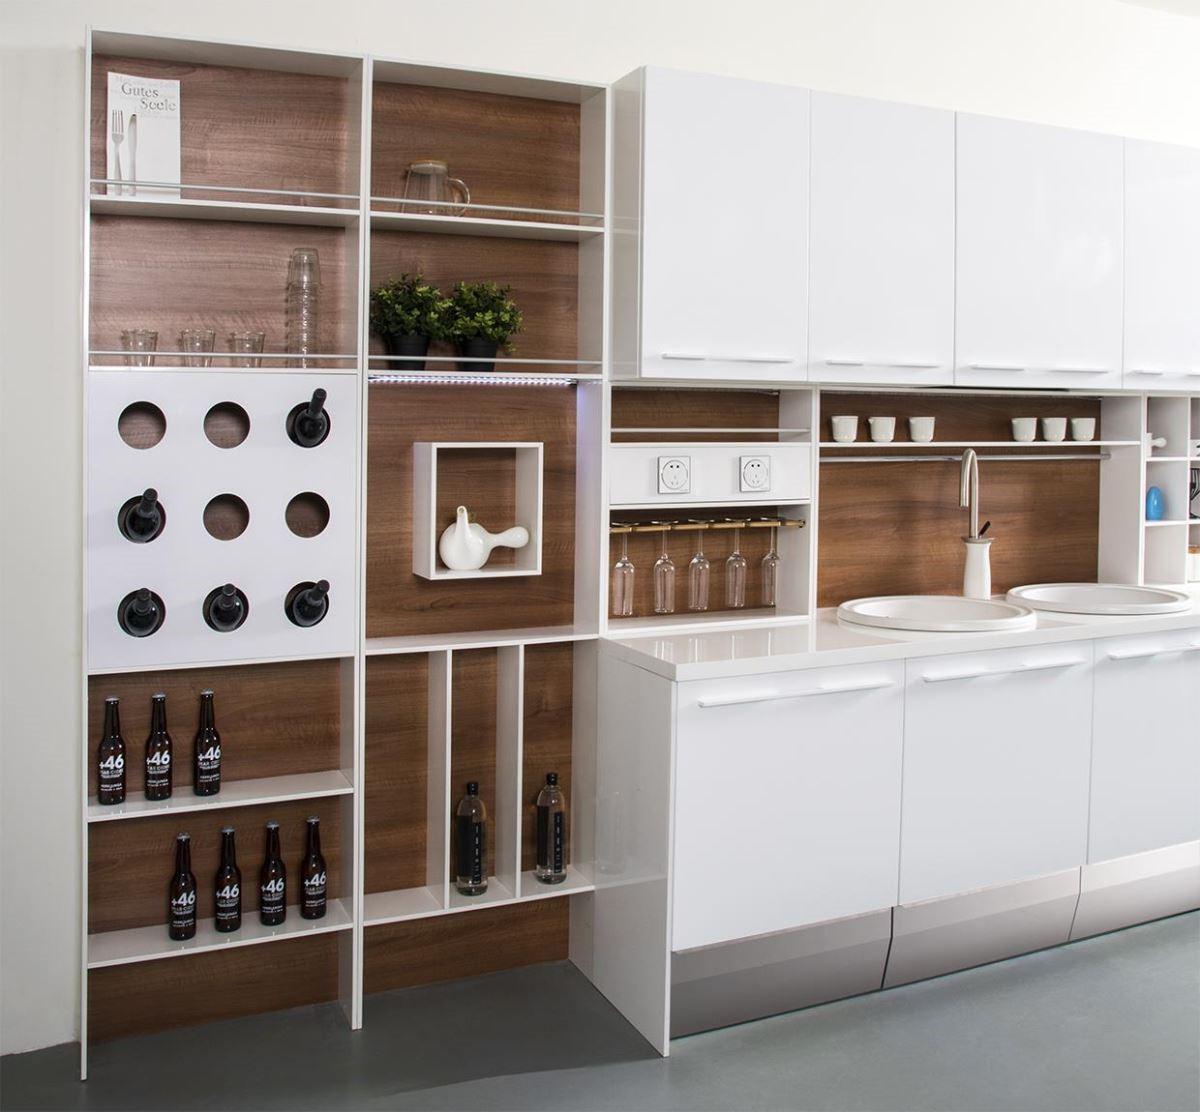 與今年米蘭展的廚具趨勢同步,開發出可延伸的層架式模組,讓廚房機能更充實。